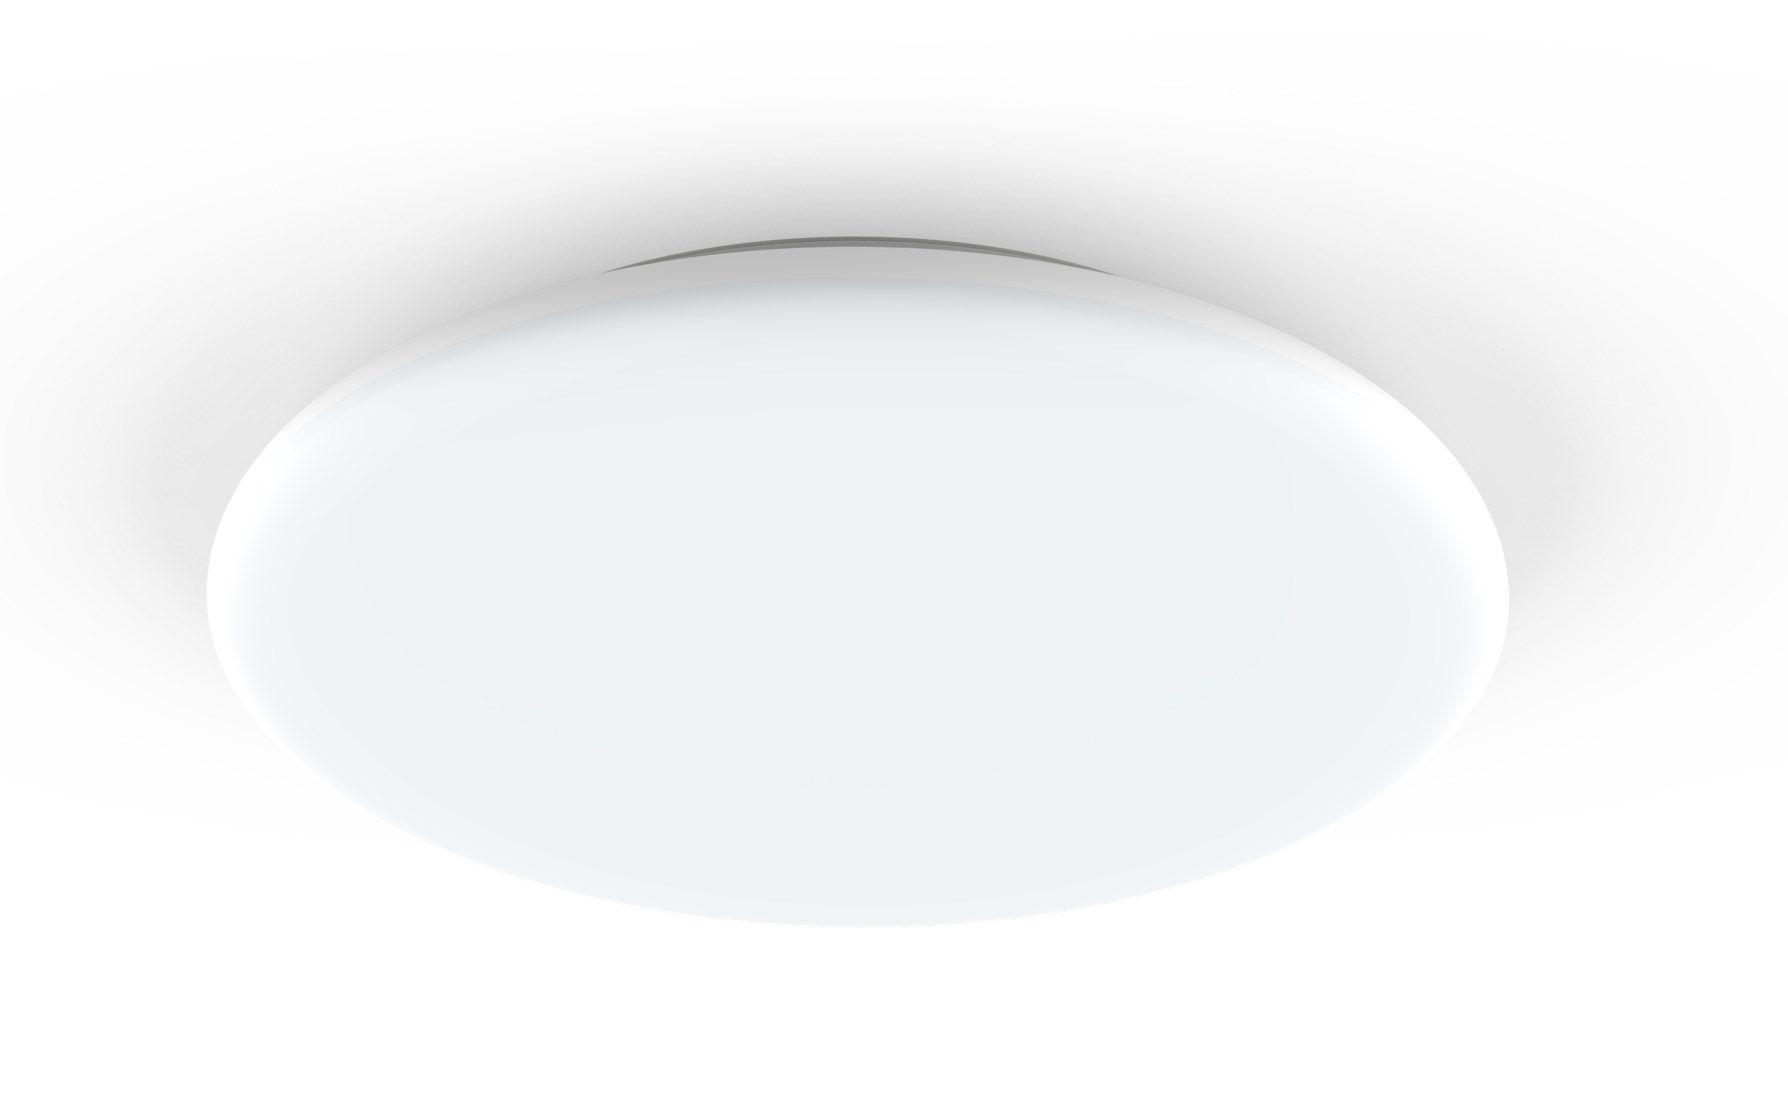 GEWISS presenta la nuova gamma di apparecchi di illuminazione pensata per il settore industriale